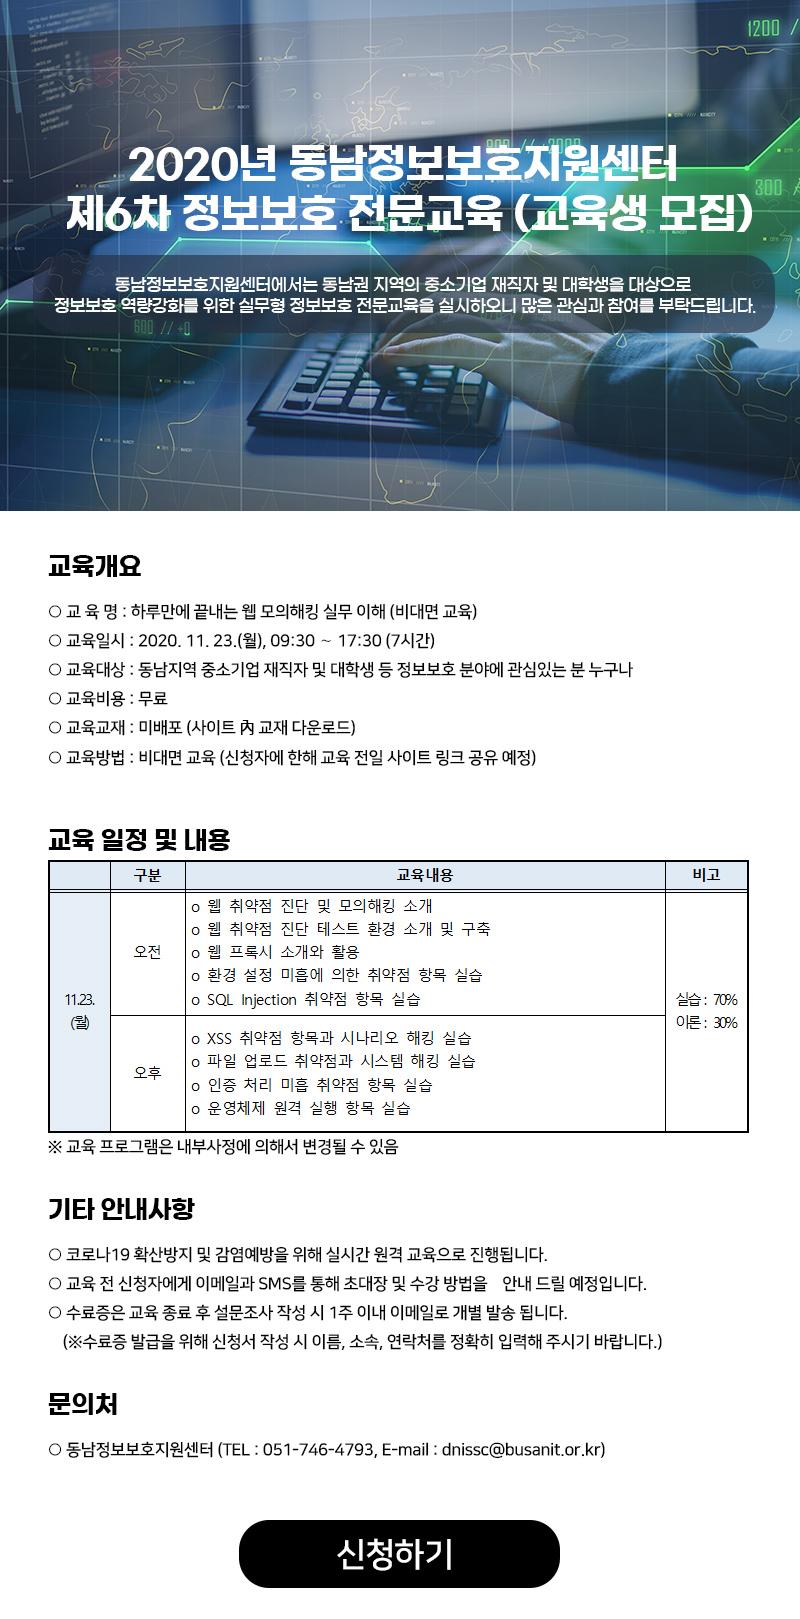 2020년 동남정보보호지원센터 제6차 정보보호 전문교육 (교육생 모집)